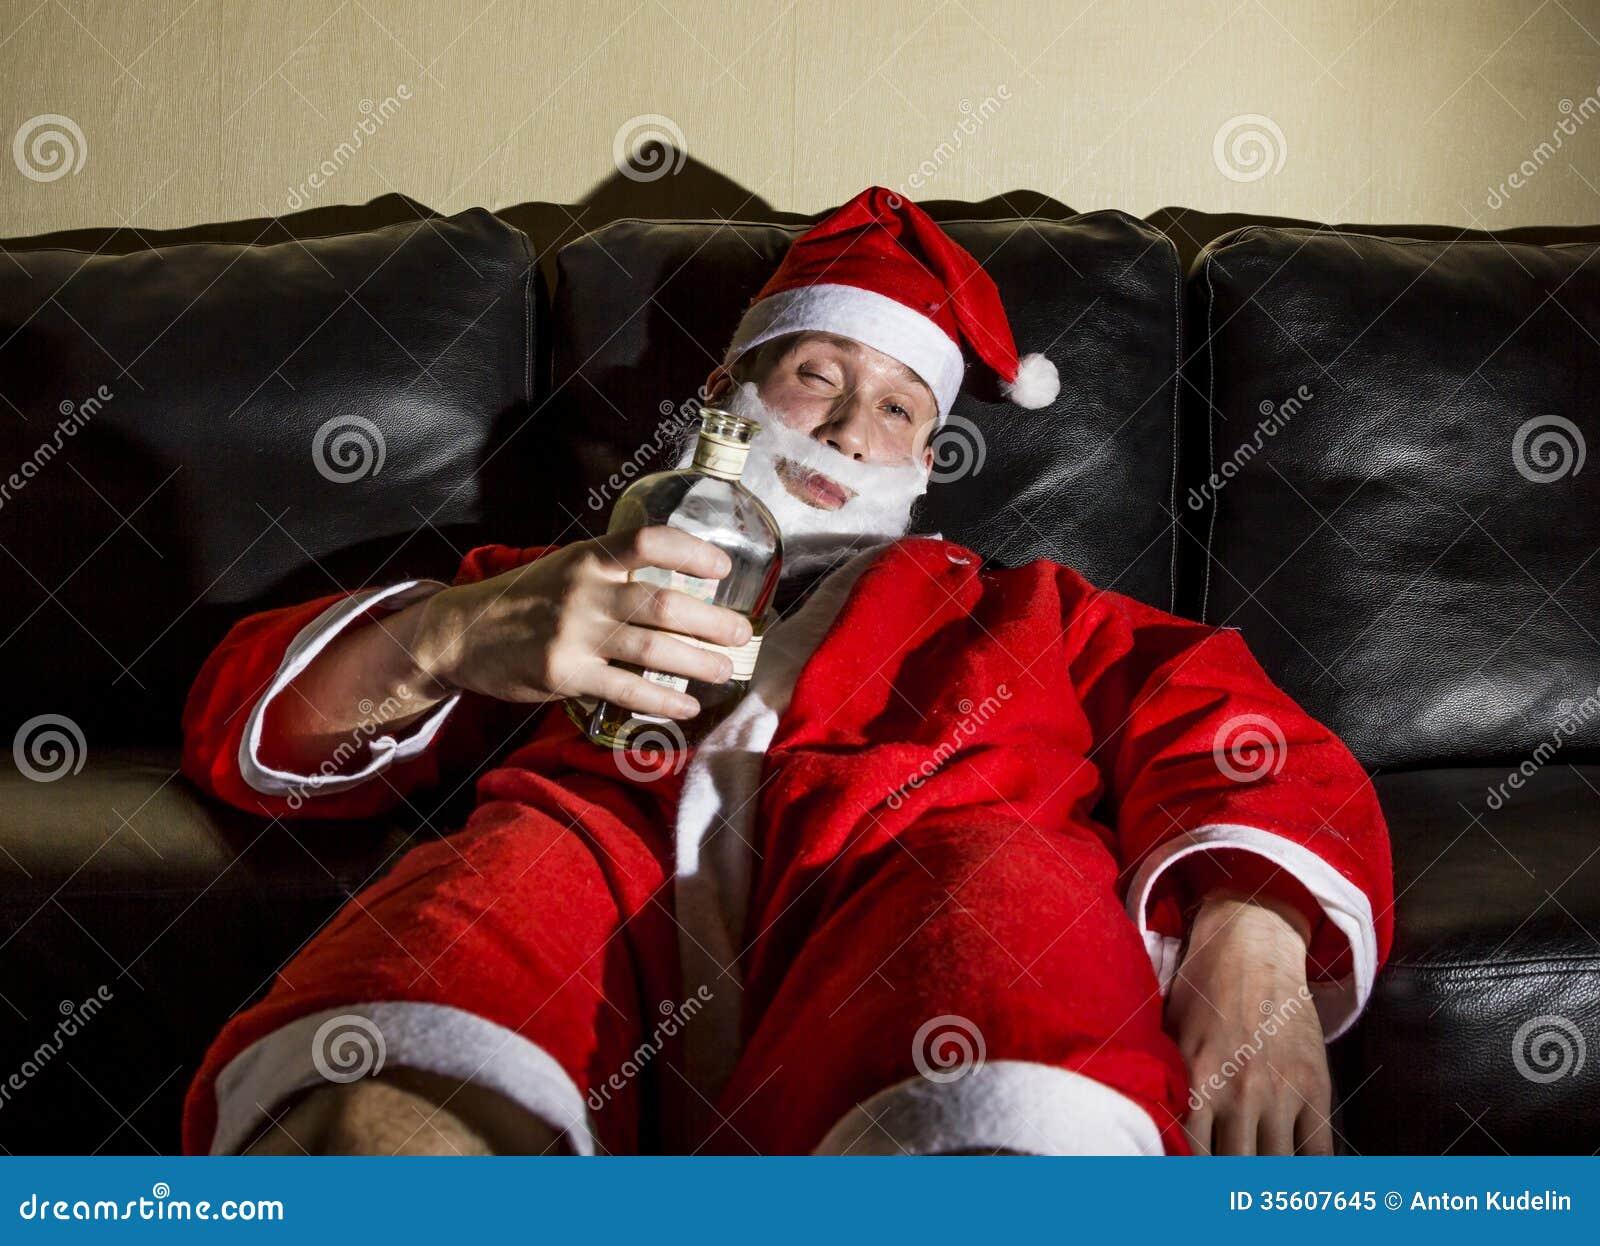 Drunk santa claus nothing